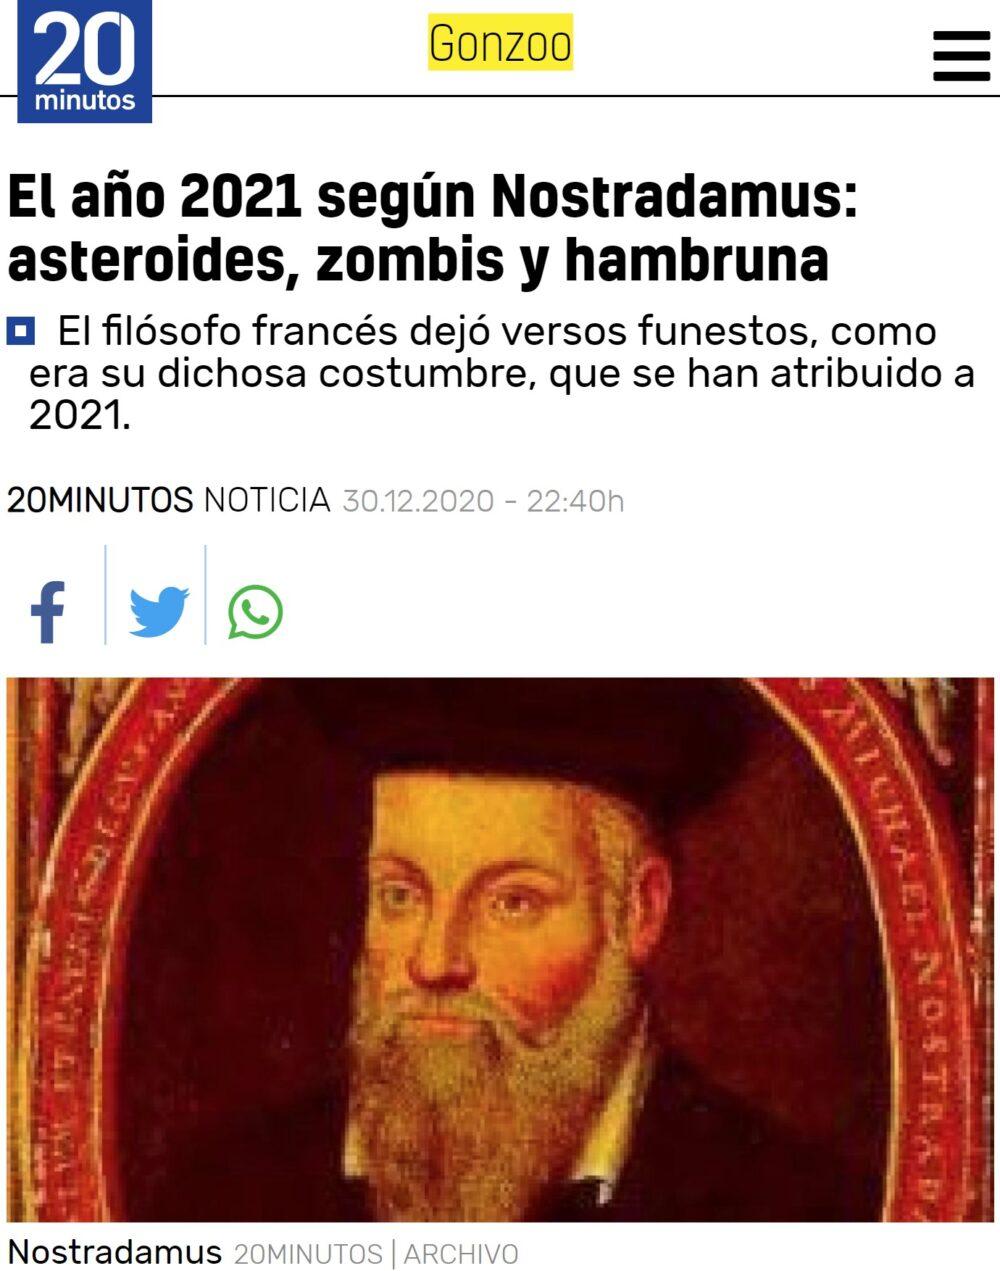 El 2021 viene calentito...